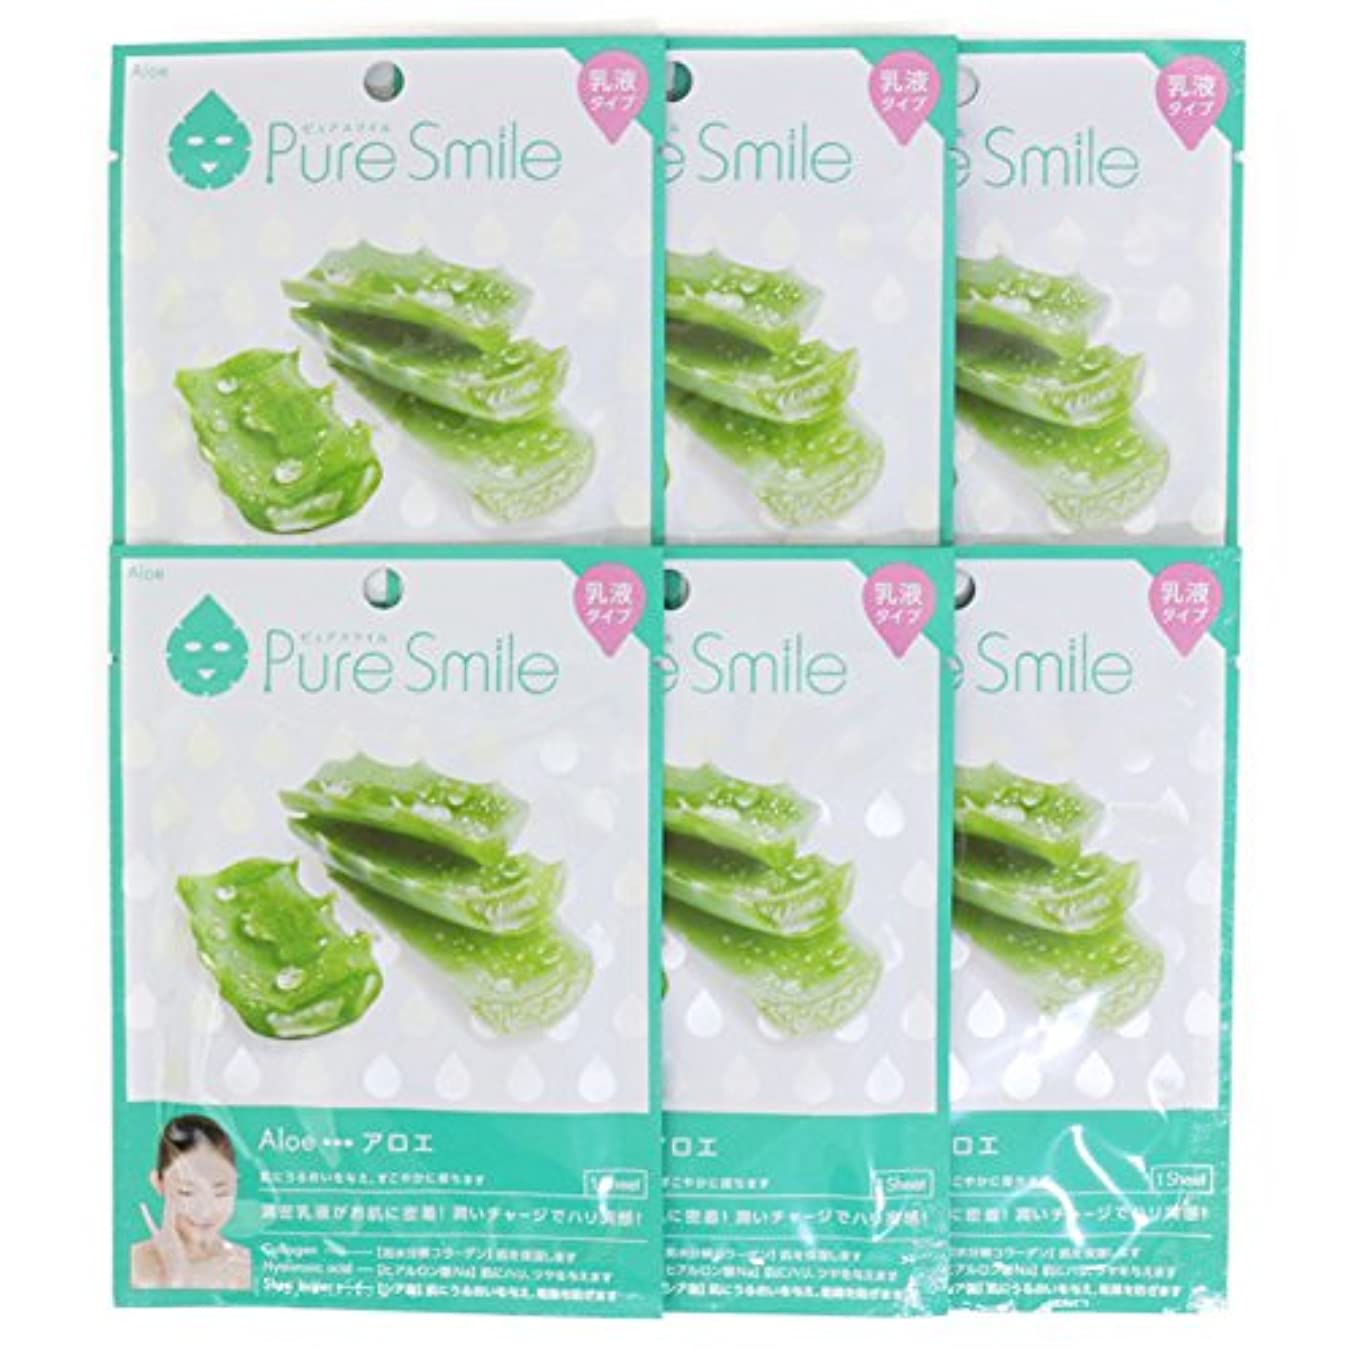 宅配便泥棒作成するPure Smile ピュアスマイル 乳液エッセンスマスク アロエ 6枚セット